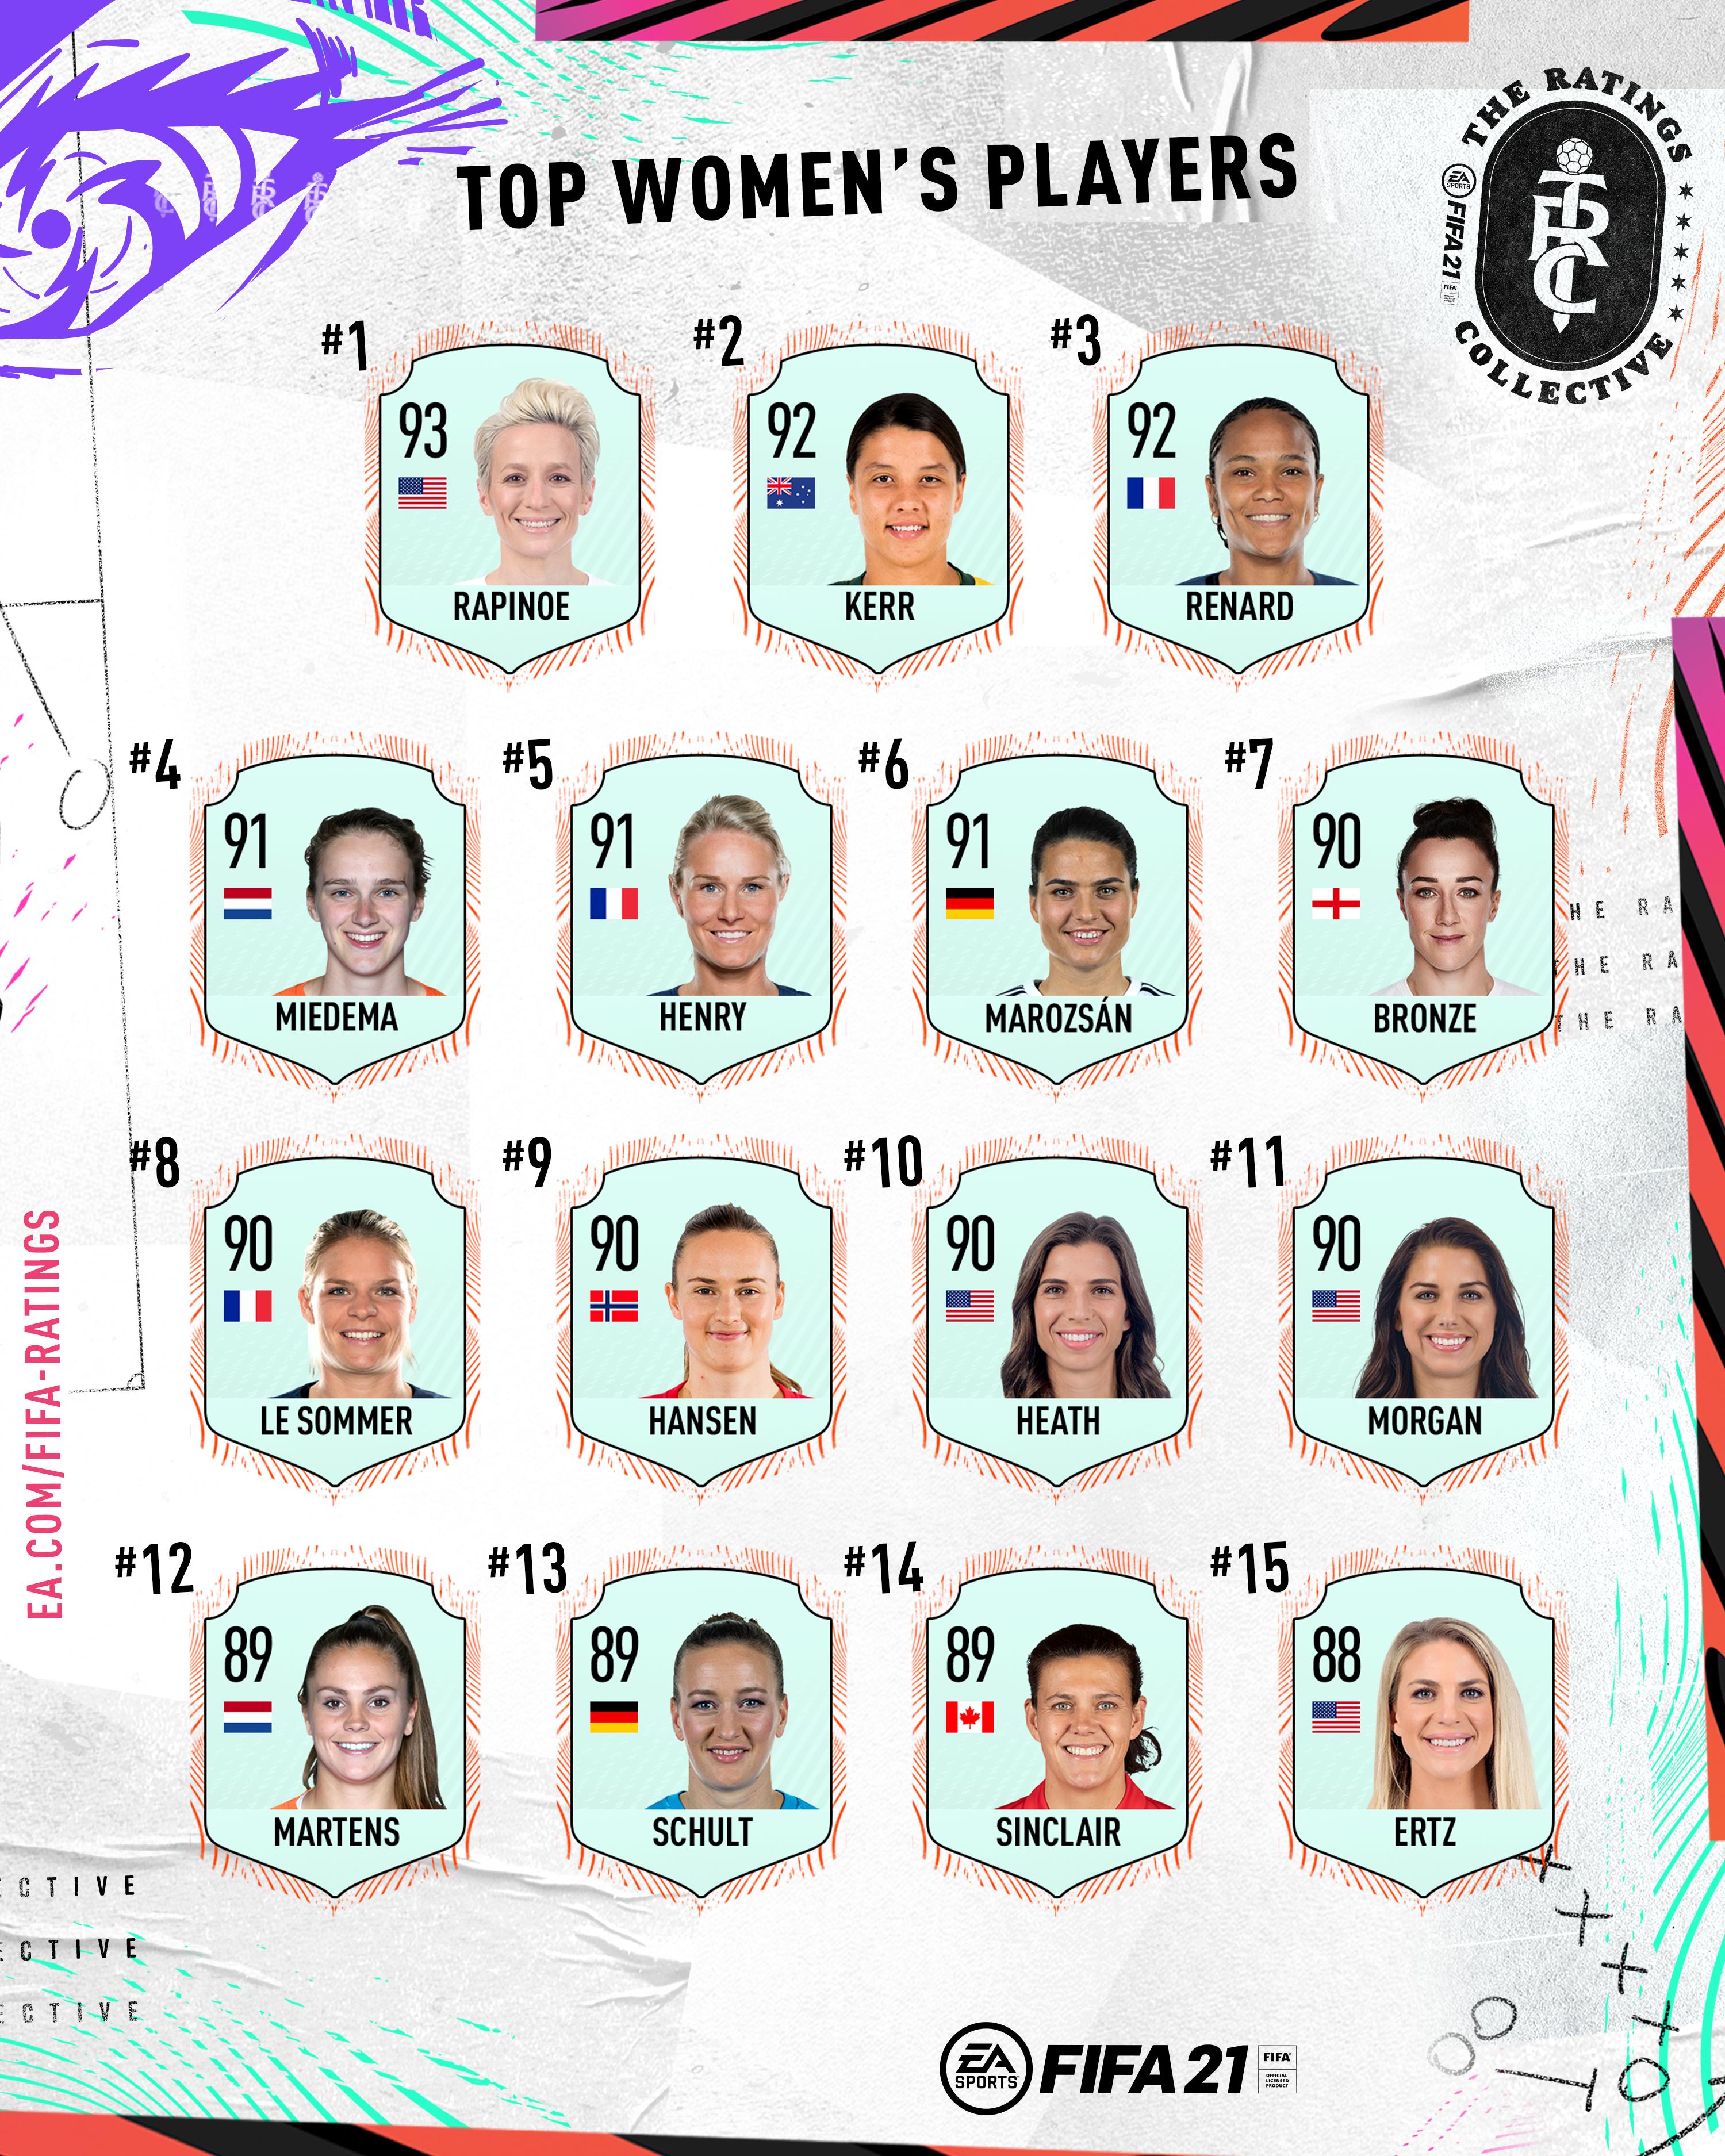 FIFA21_RC_TopWomensPlayers_Carousel_4x5[1]